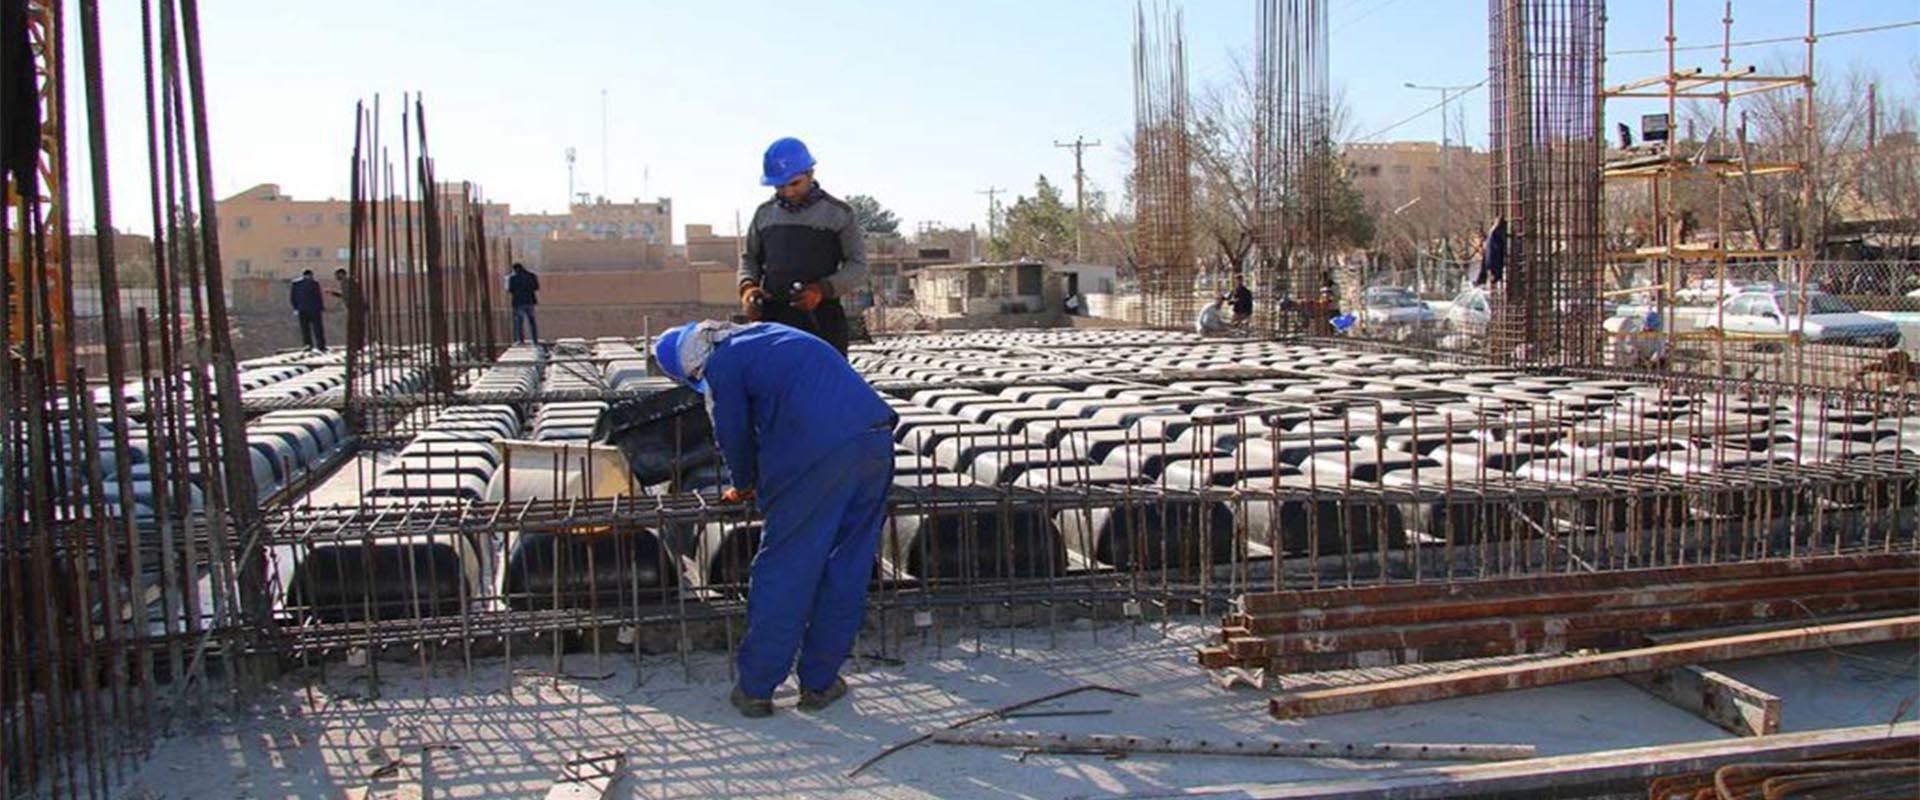 ورود به دنیای مدرن ساخت و ساز با استفاده از سقف وافل